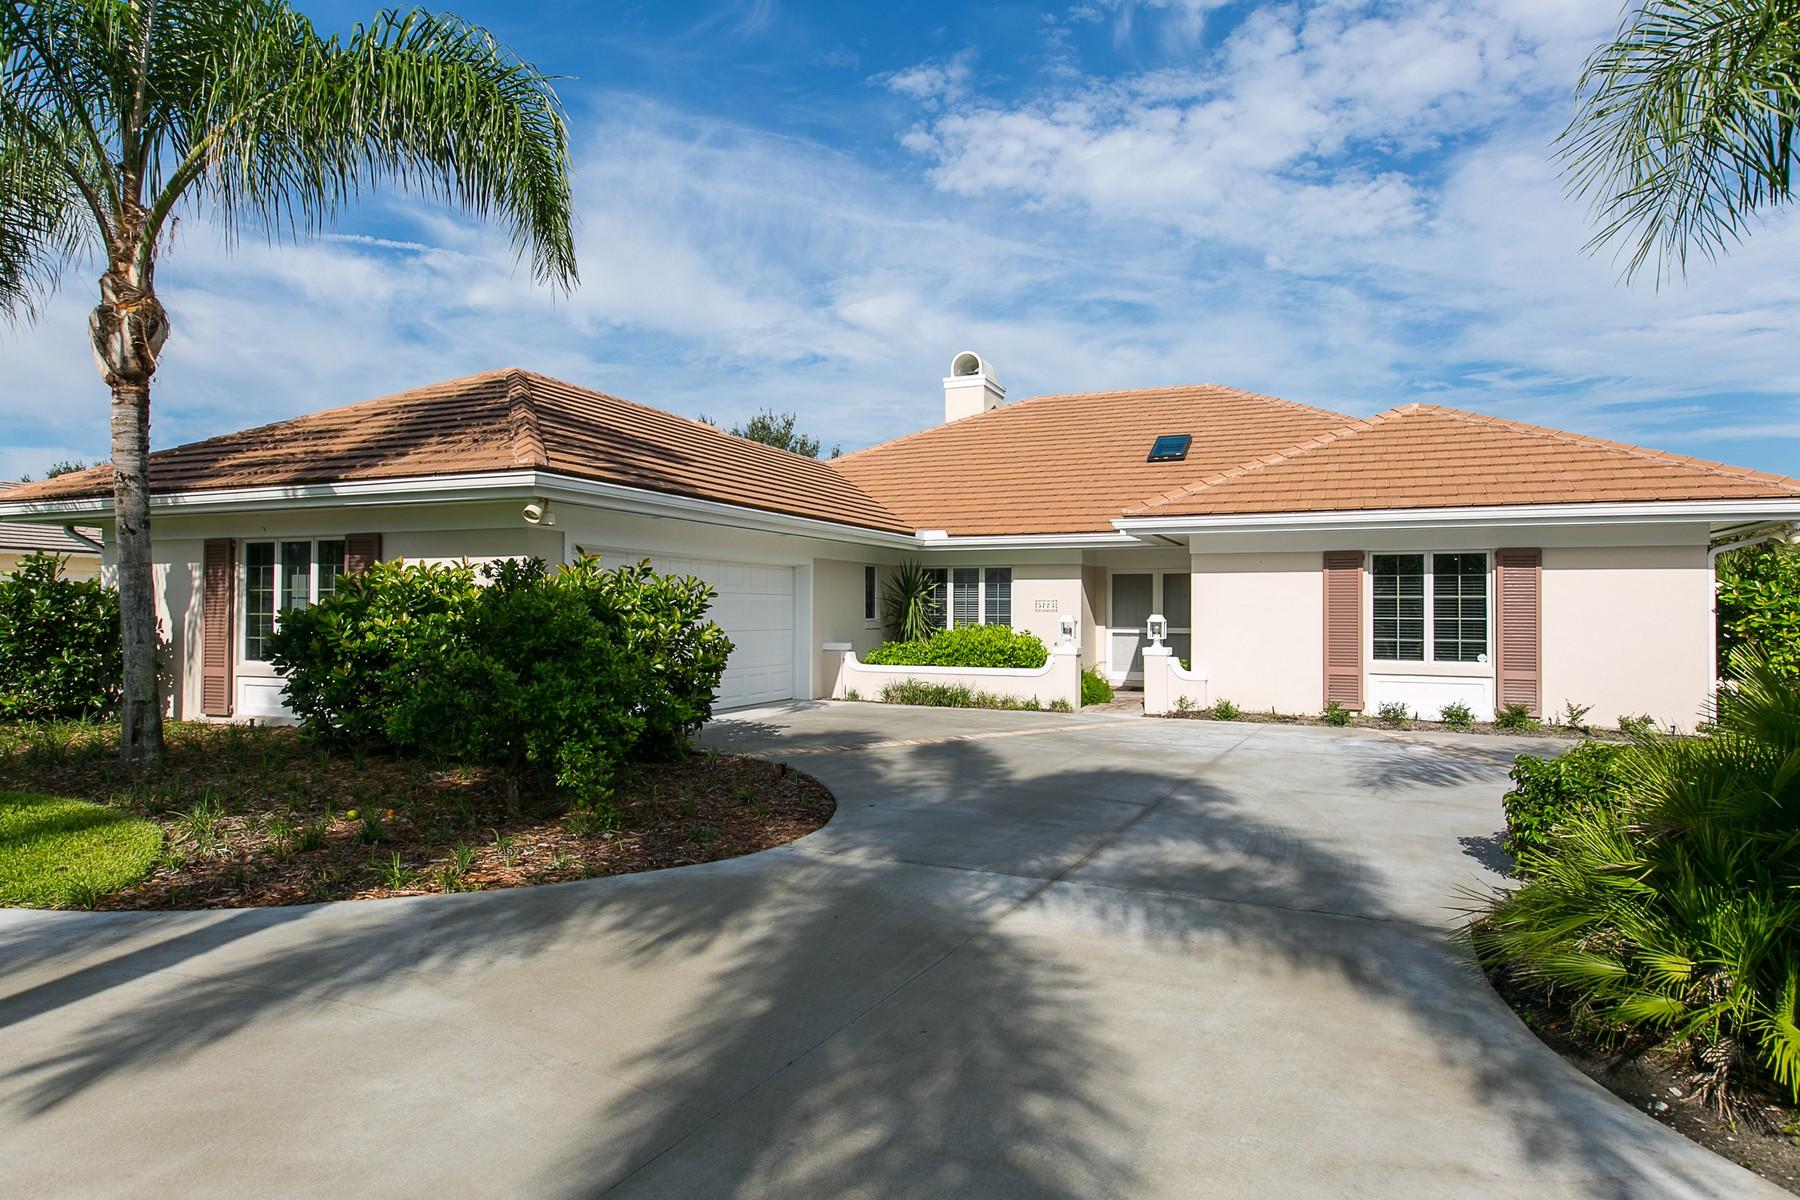 独户住宅 为 销售 在 Beautiful Pool Home 5775 Glen Eagle Lane 维罗海滩, 佛罗里达州, 32967 美国